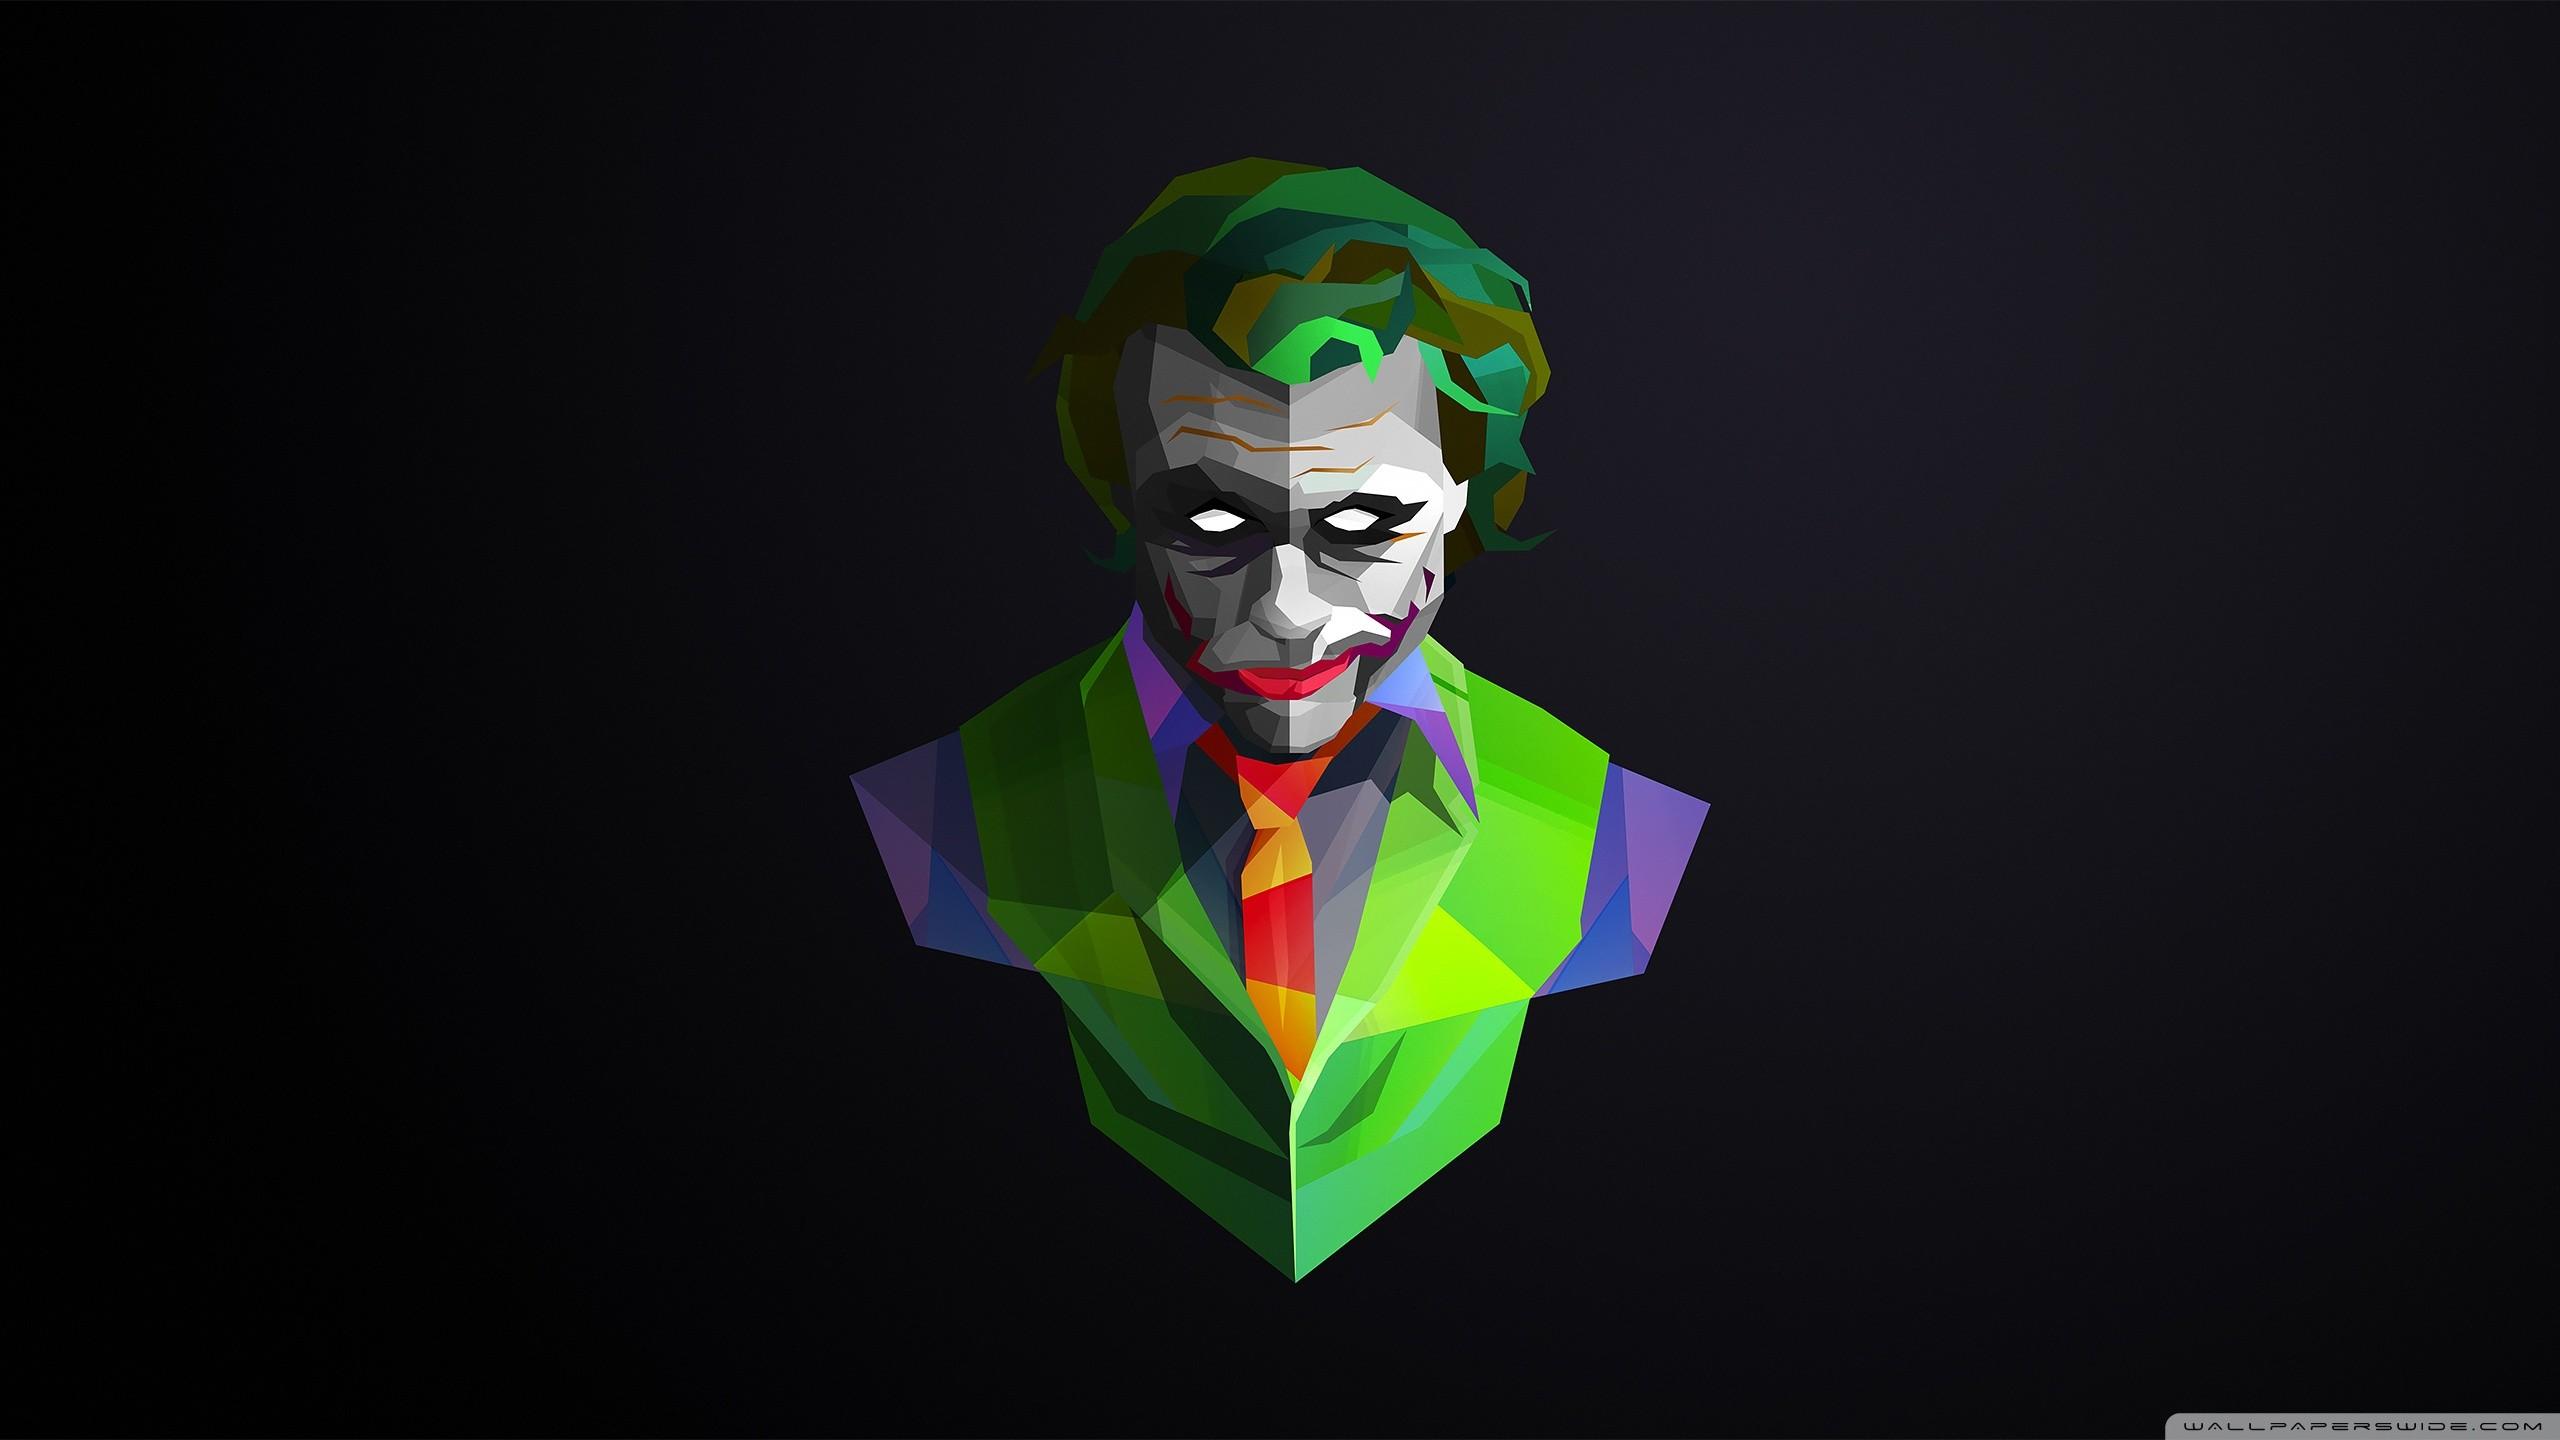 Joker desktop background 71 images for Desktop joker